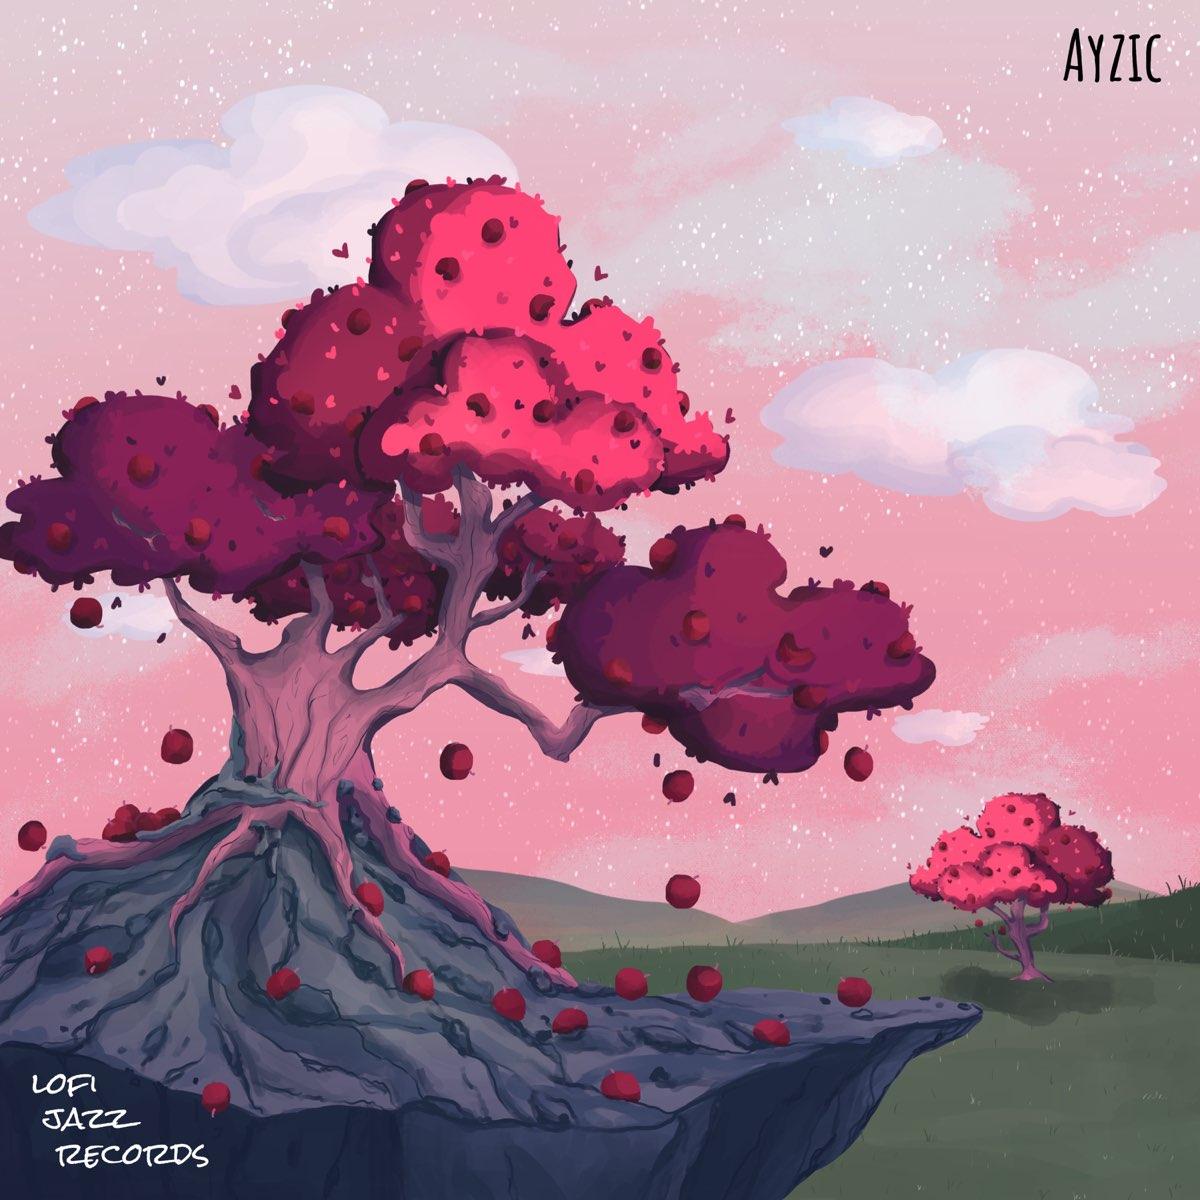 دانلود آلبوم موسیقی Windfall توسط Ayzic